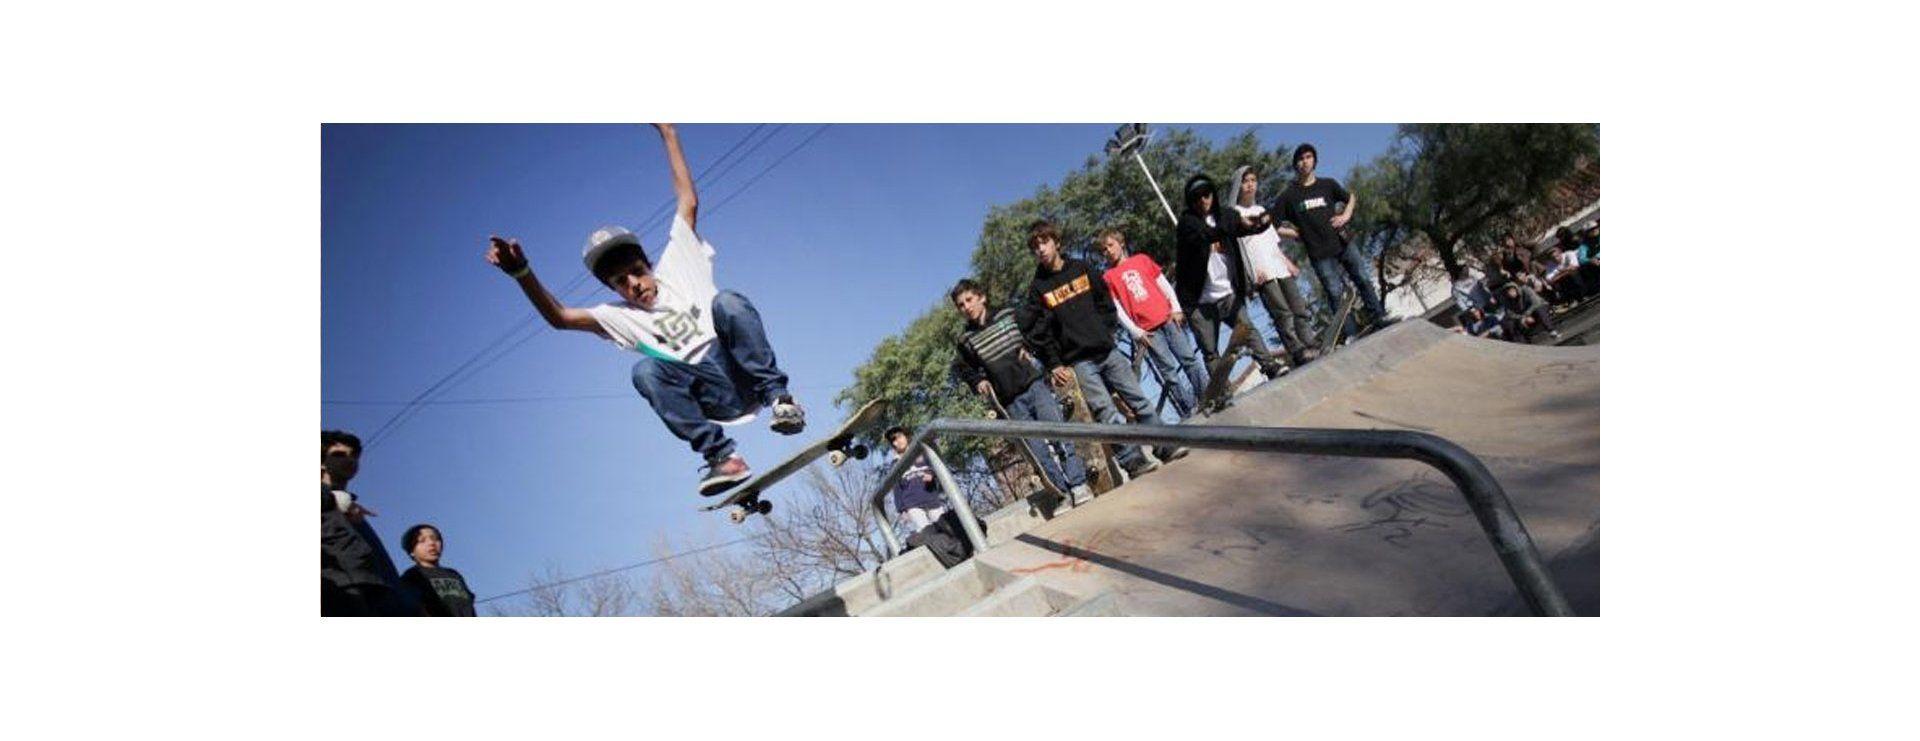 Día Internacional del Skate: los skaters santafesinos celebran en Candioti Park